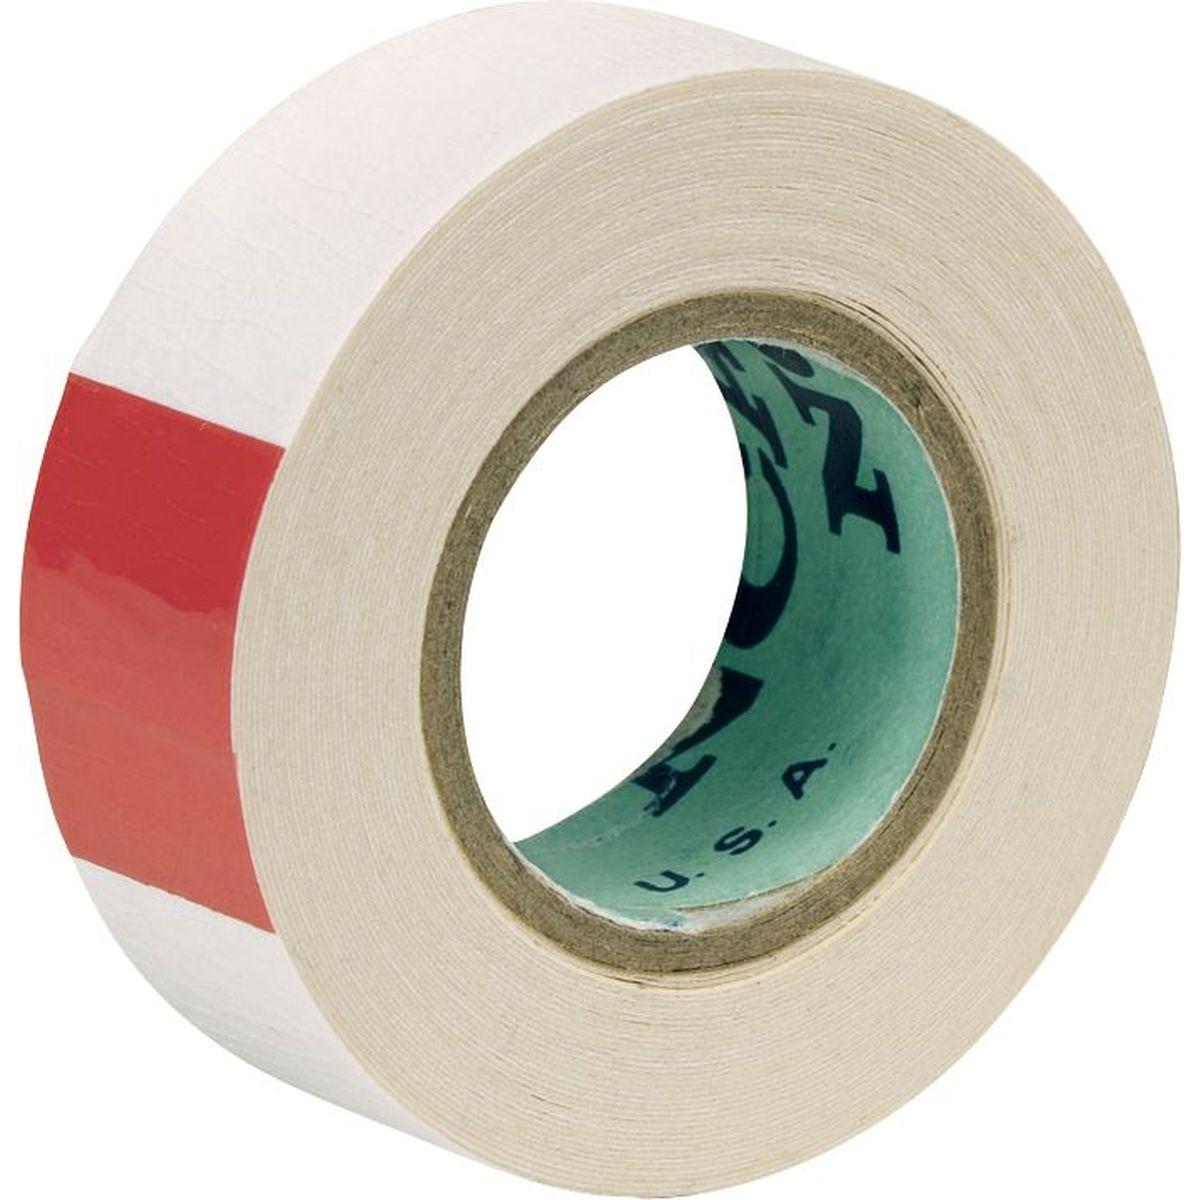 ライト ■バッファロー 両面テープ 5m G-340